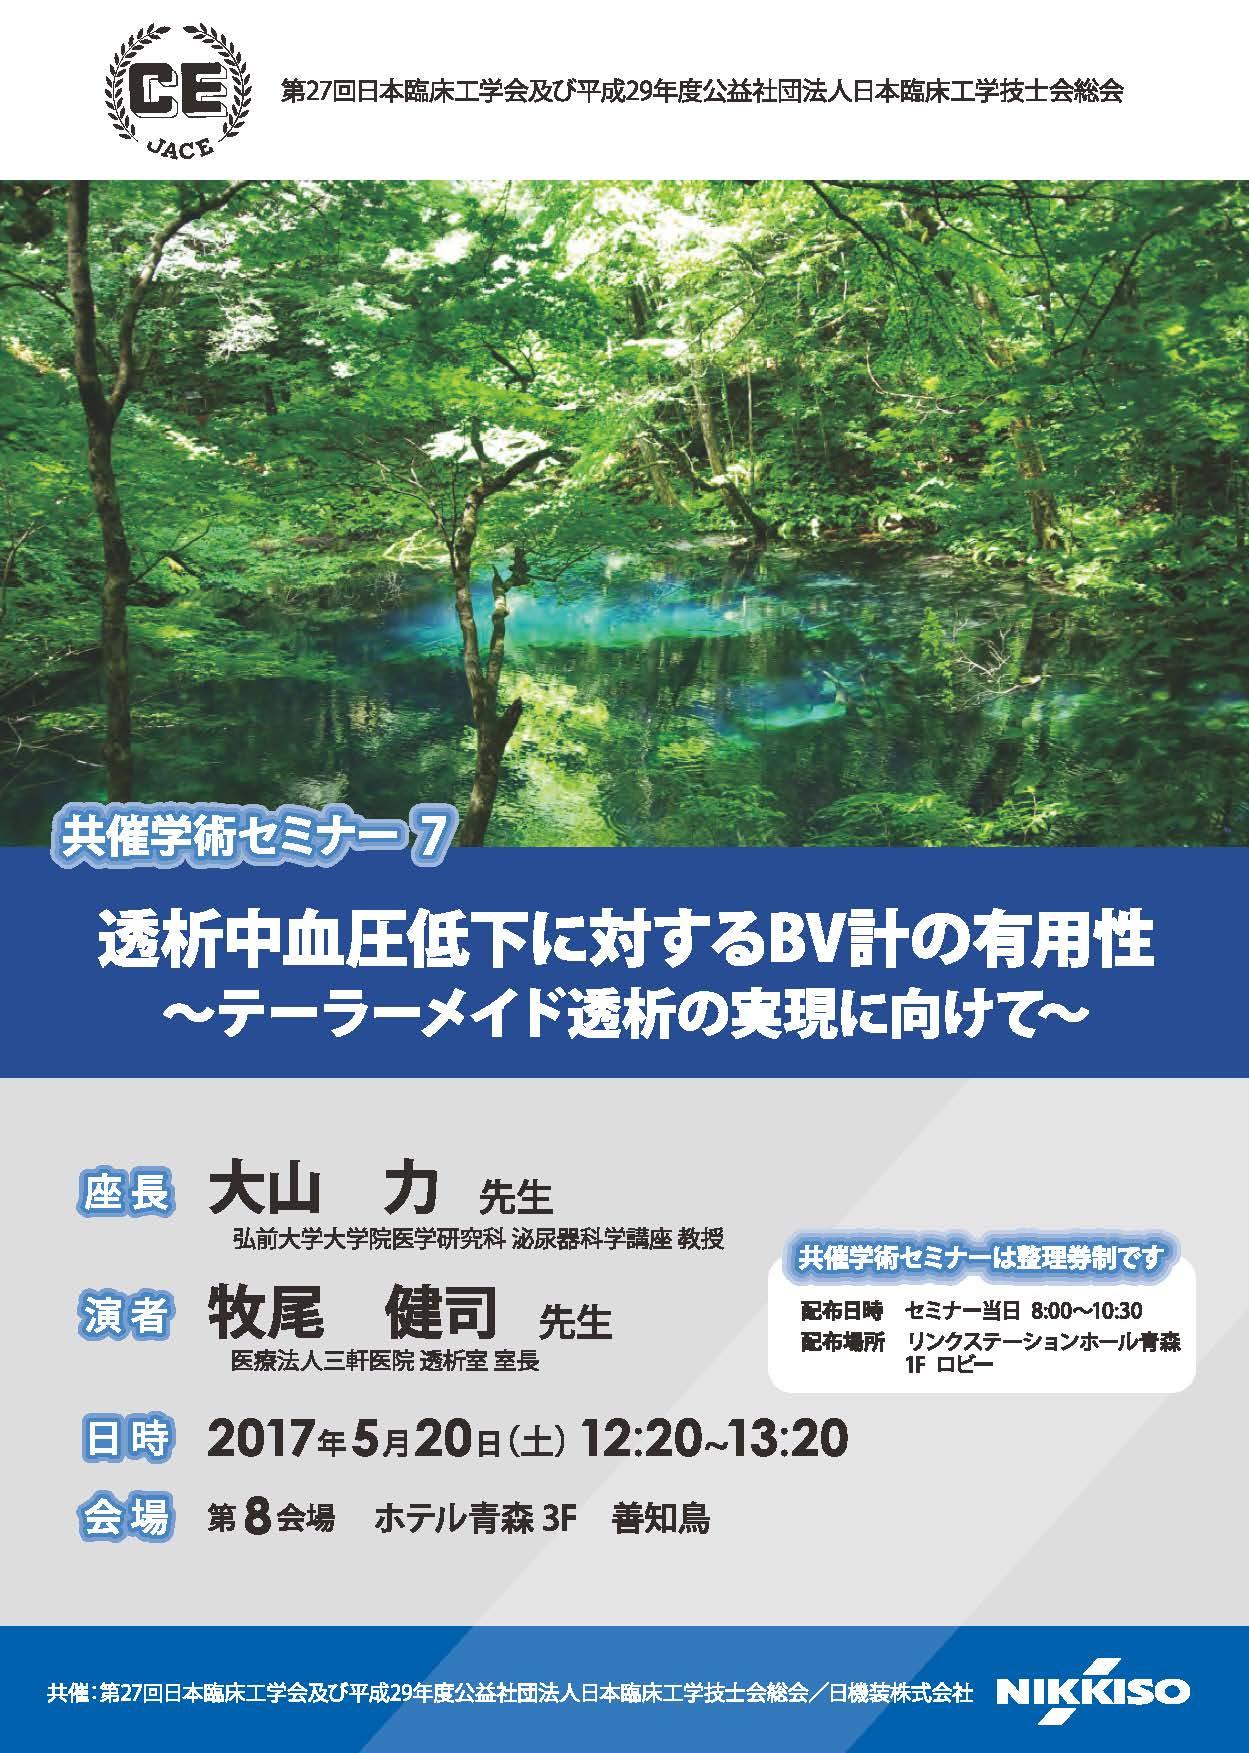 第27回日本臨床工学会 共催学術セミナー7のお知らせ